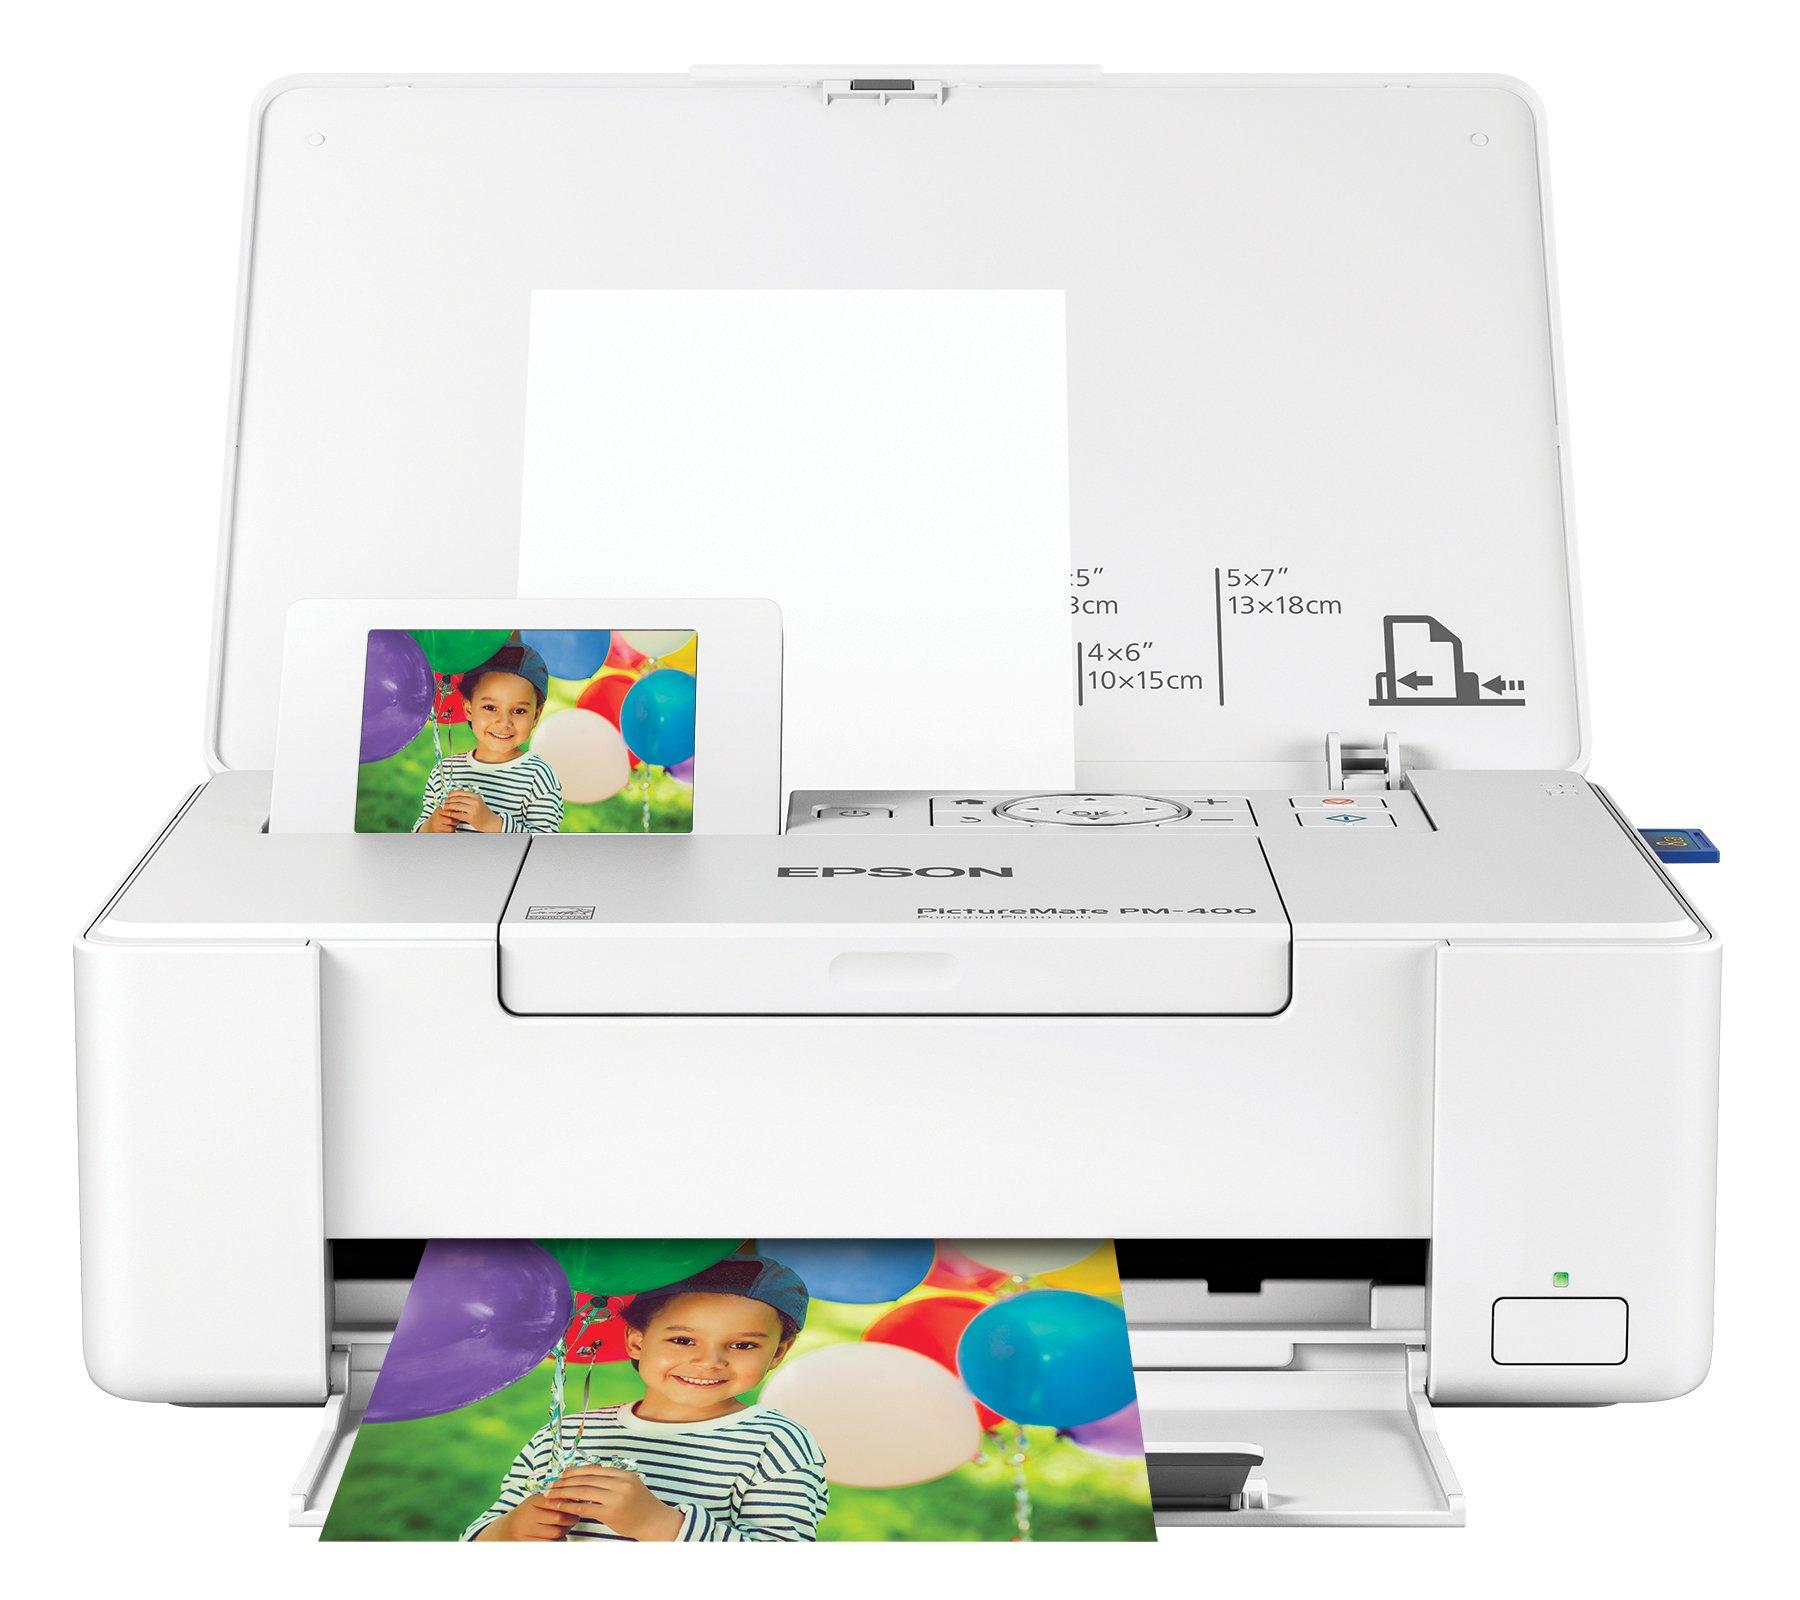 Epson PictureMate Wireless Compact Printer